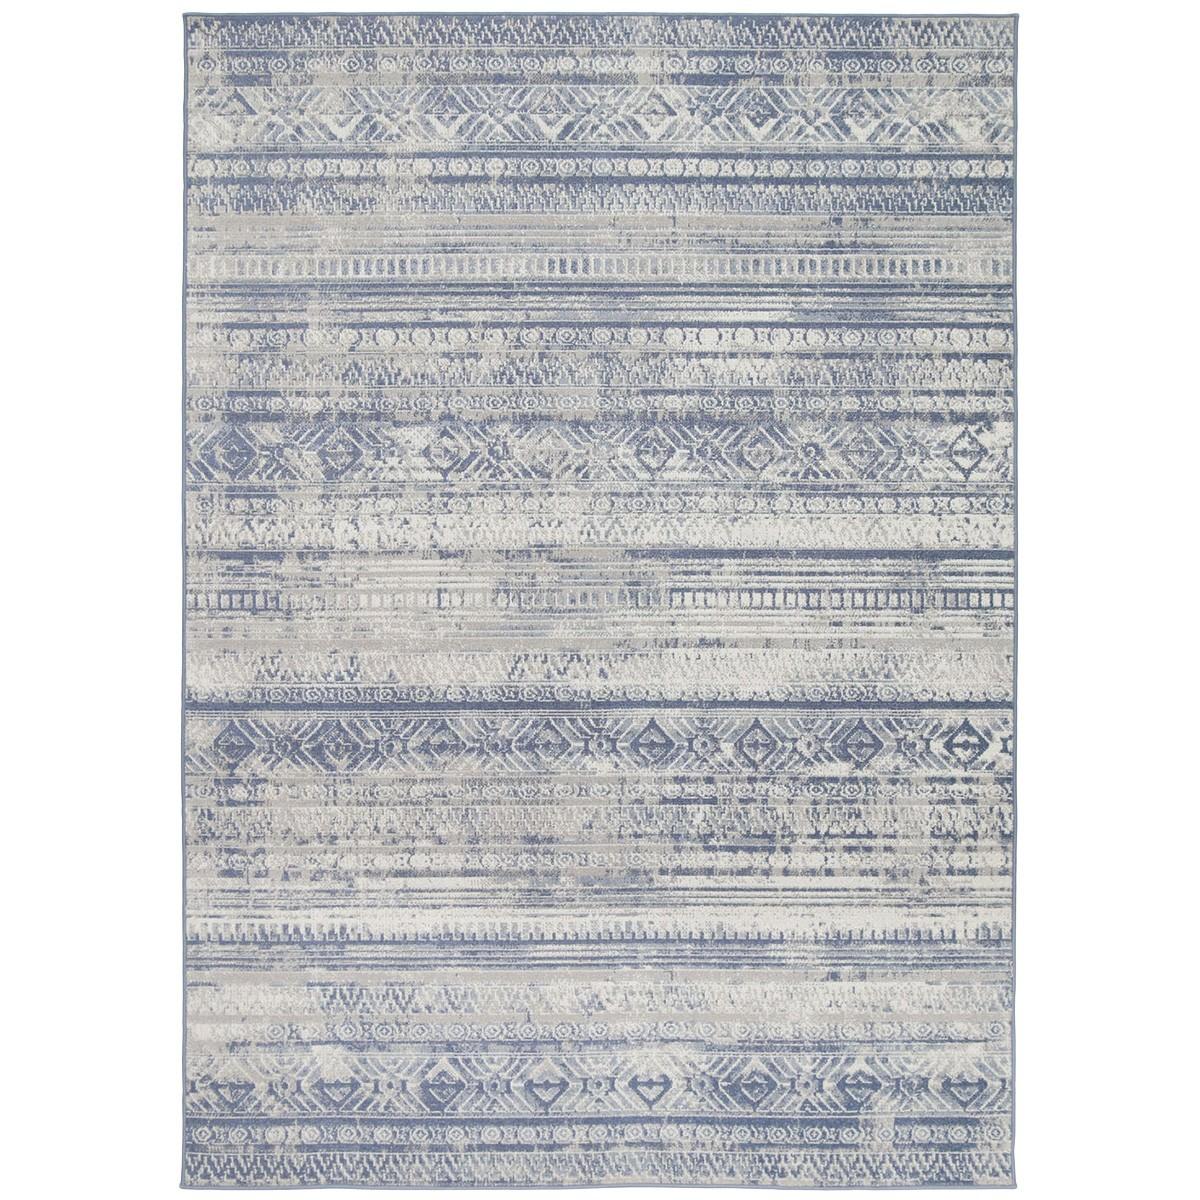 Courtyard Rome Modern Rug, 330x240cm, Blue / Cream